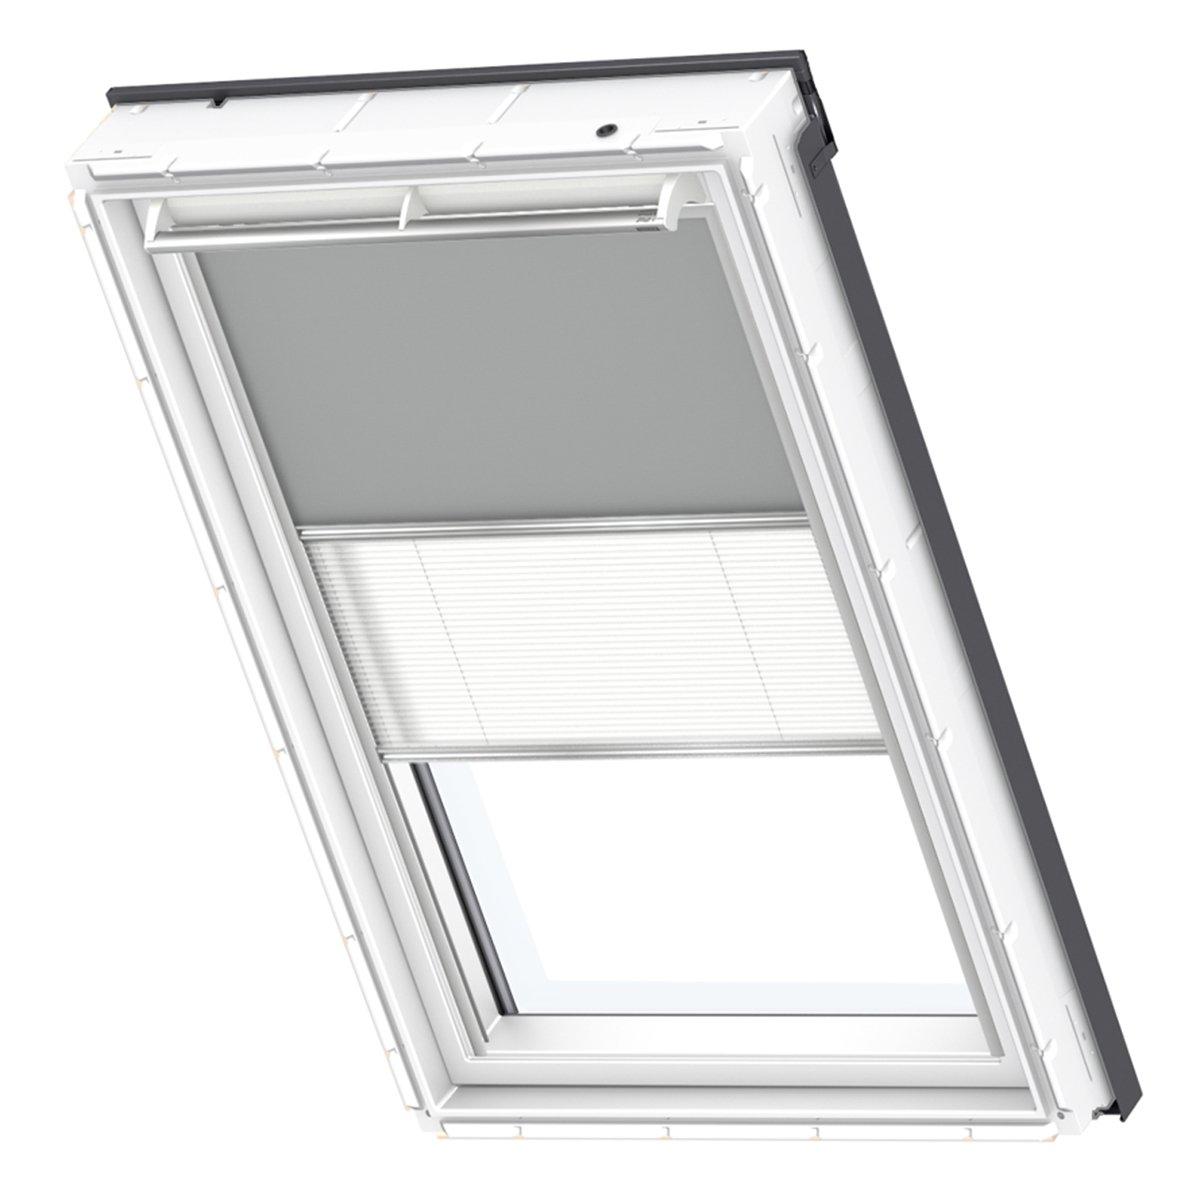 VELUX Original Verdunkelung Plus Dachfenster, MK04, Uni Grau/Weiß